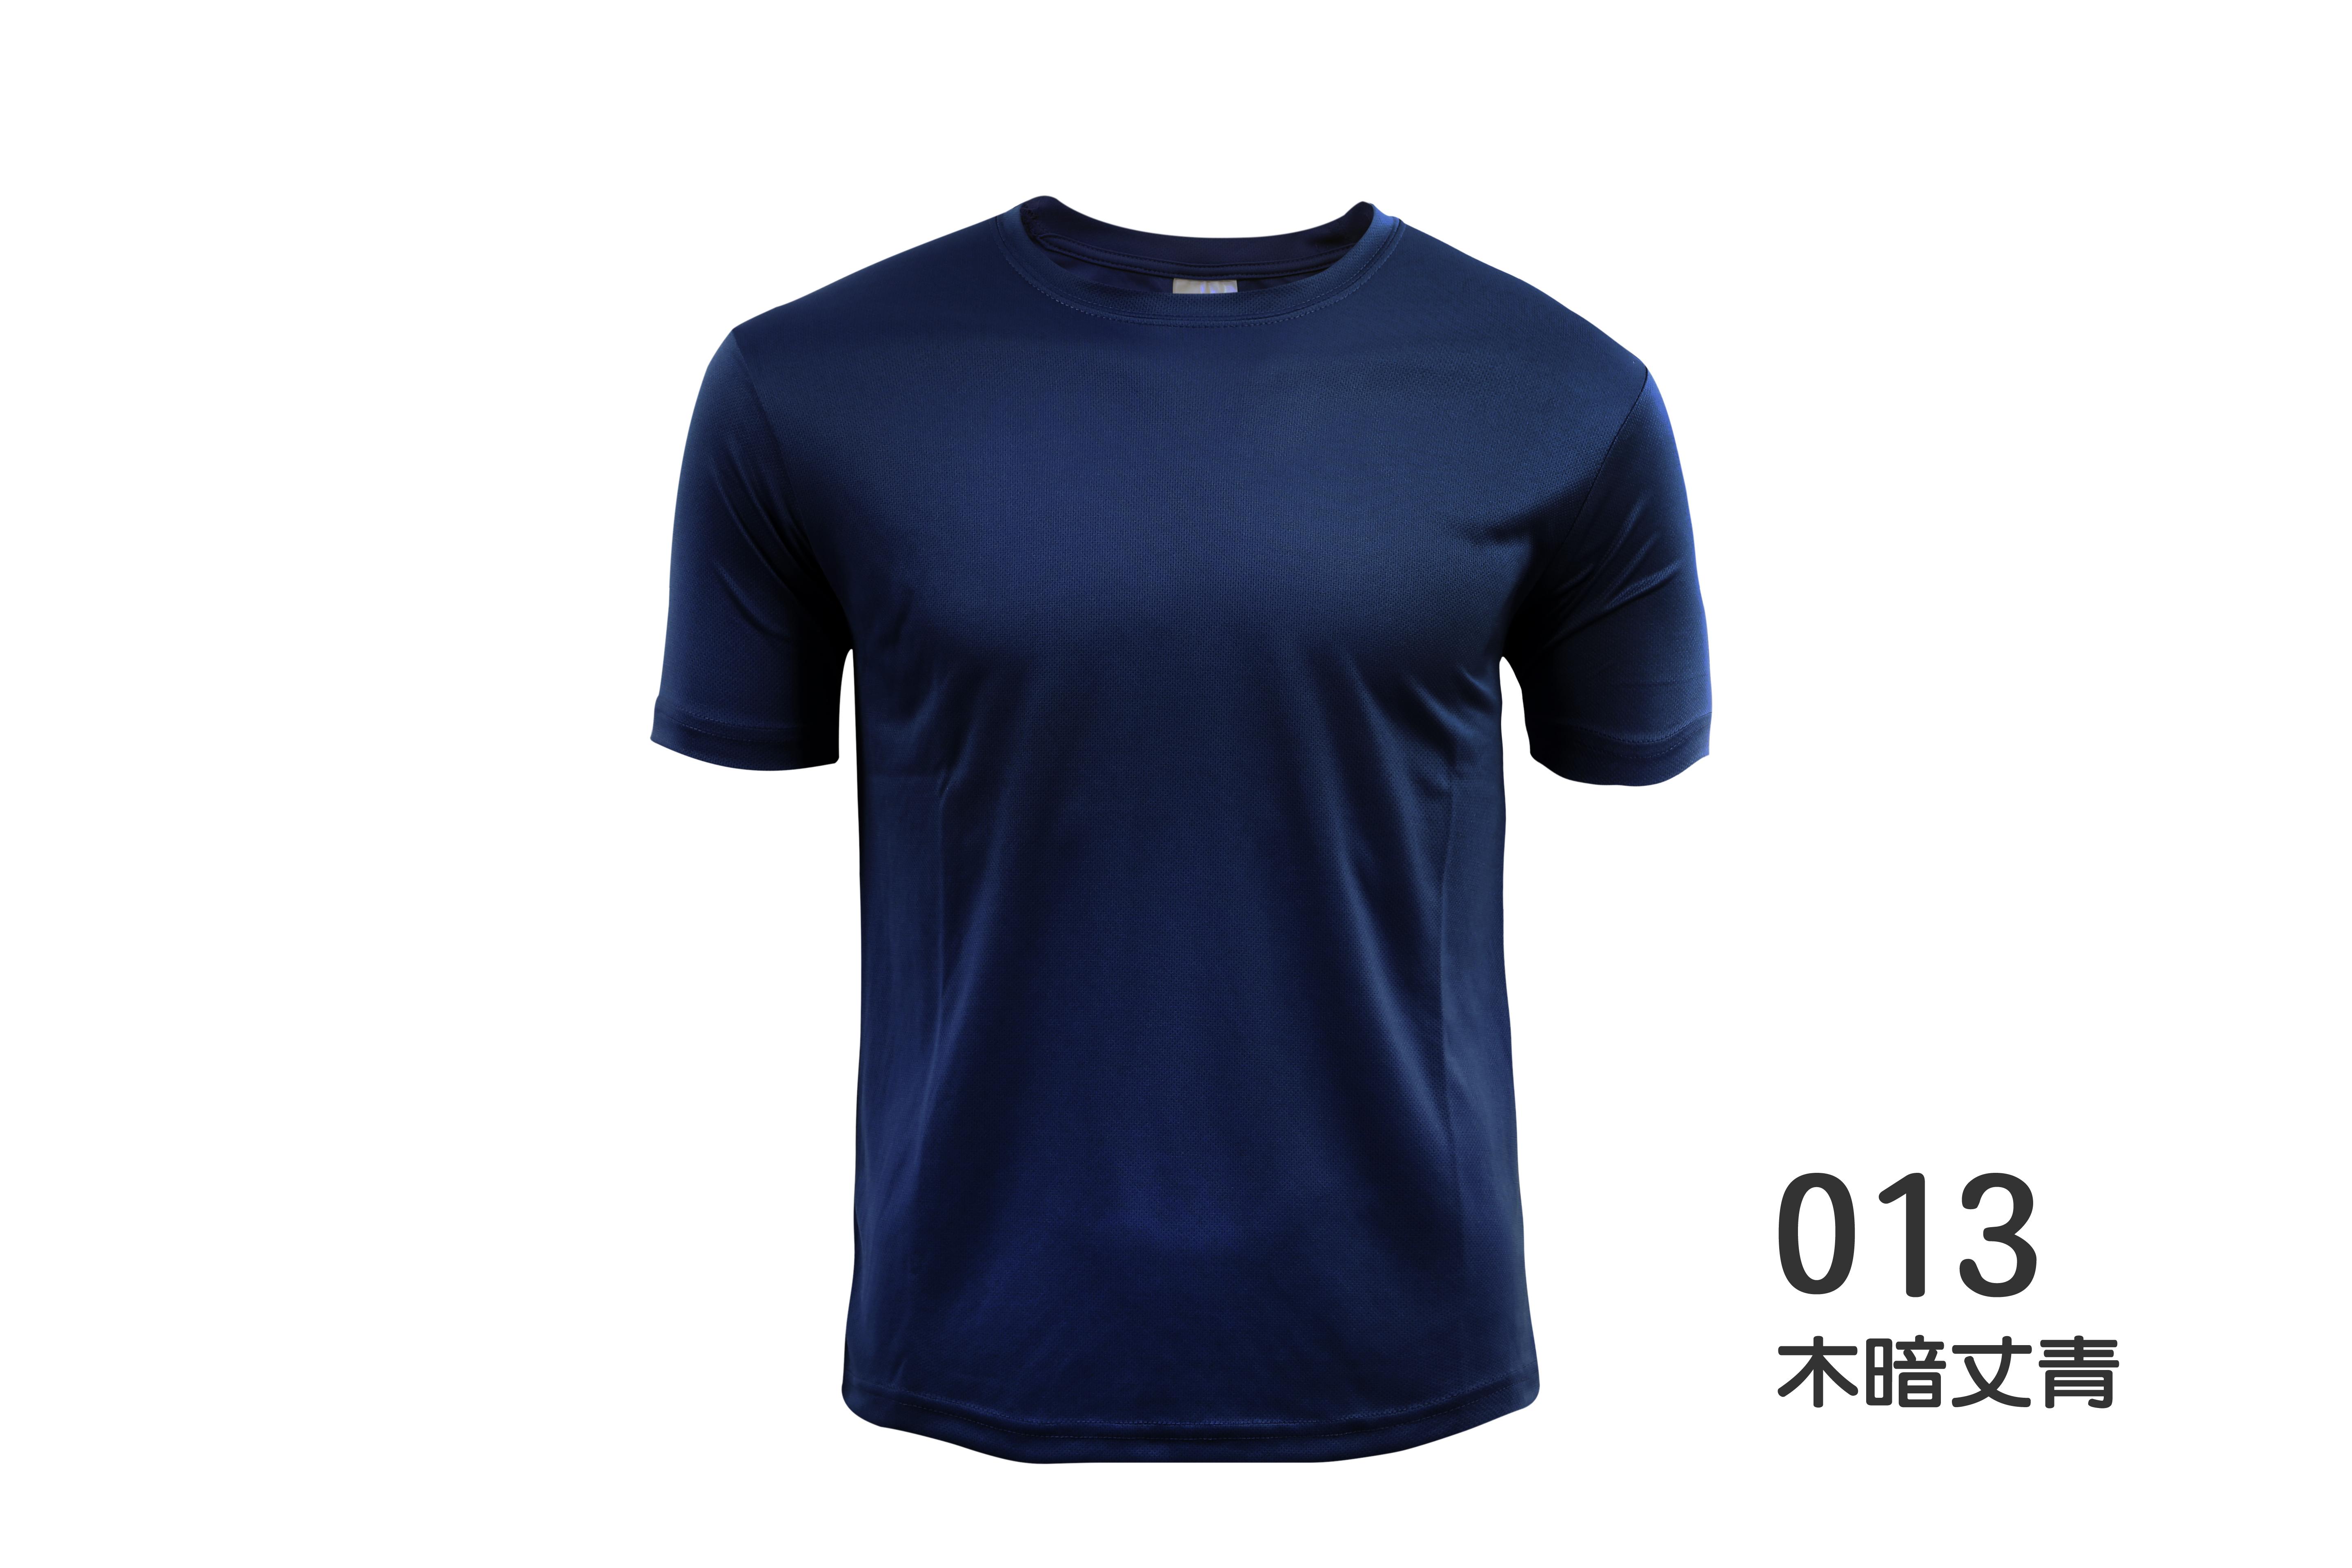 013木暗丈青-1-01